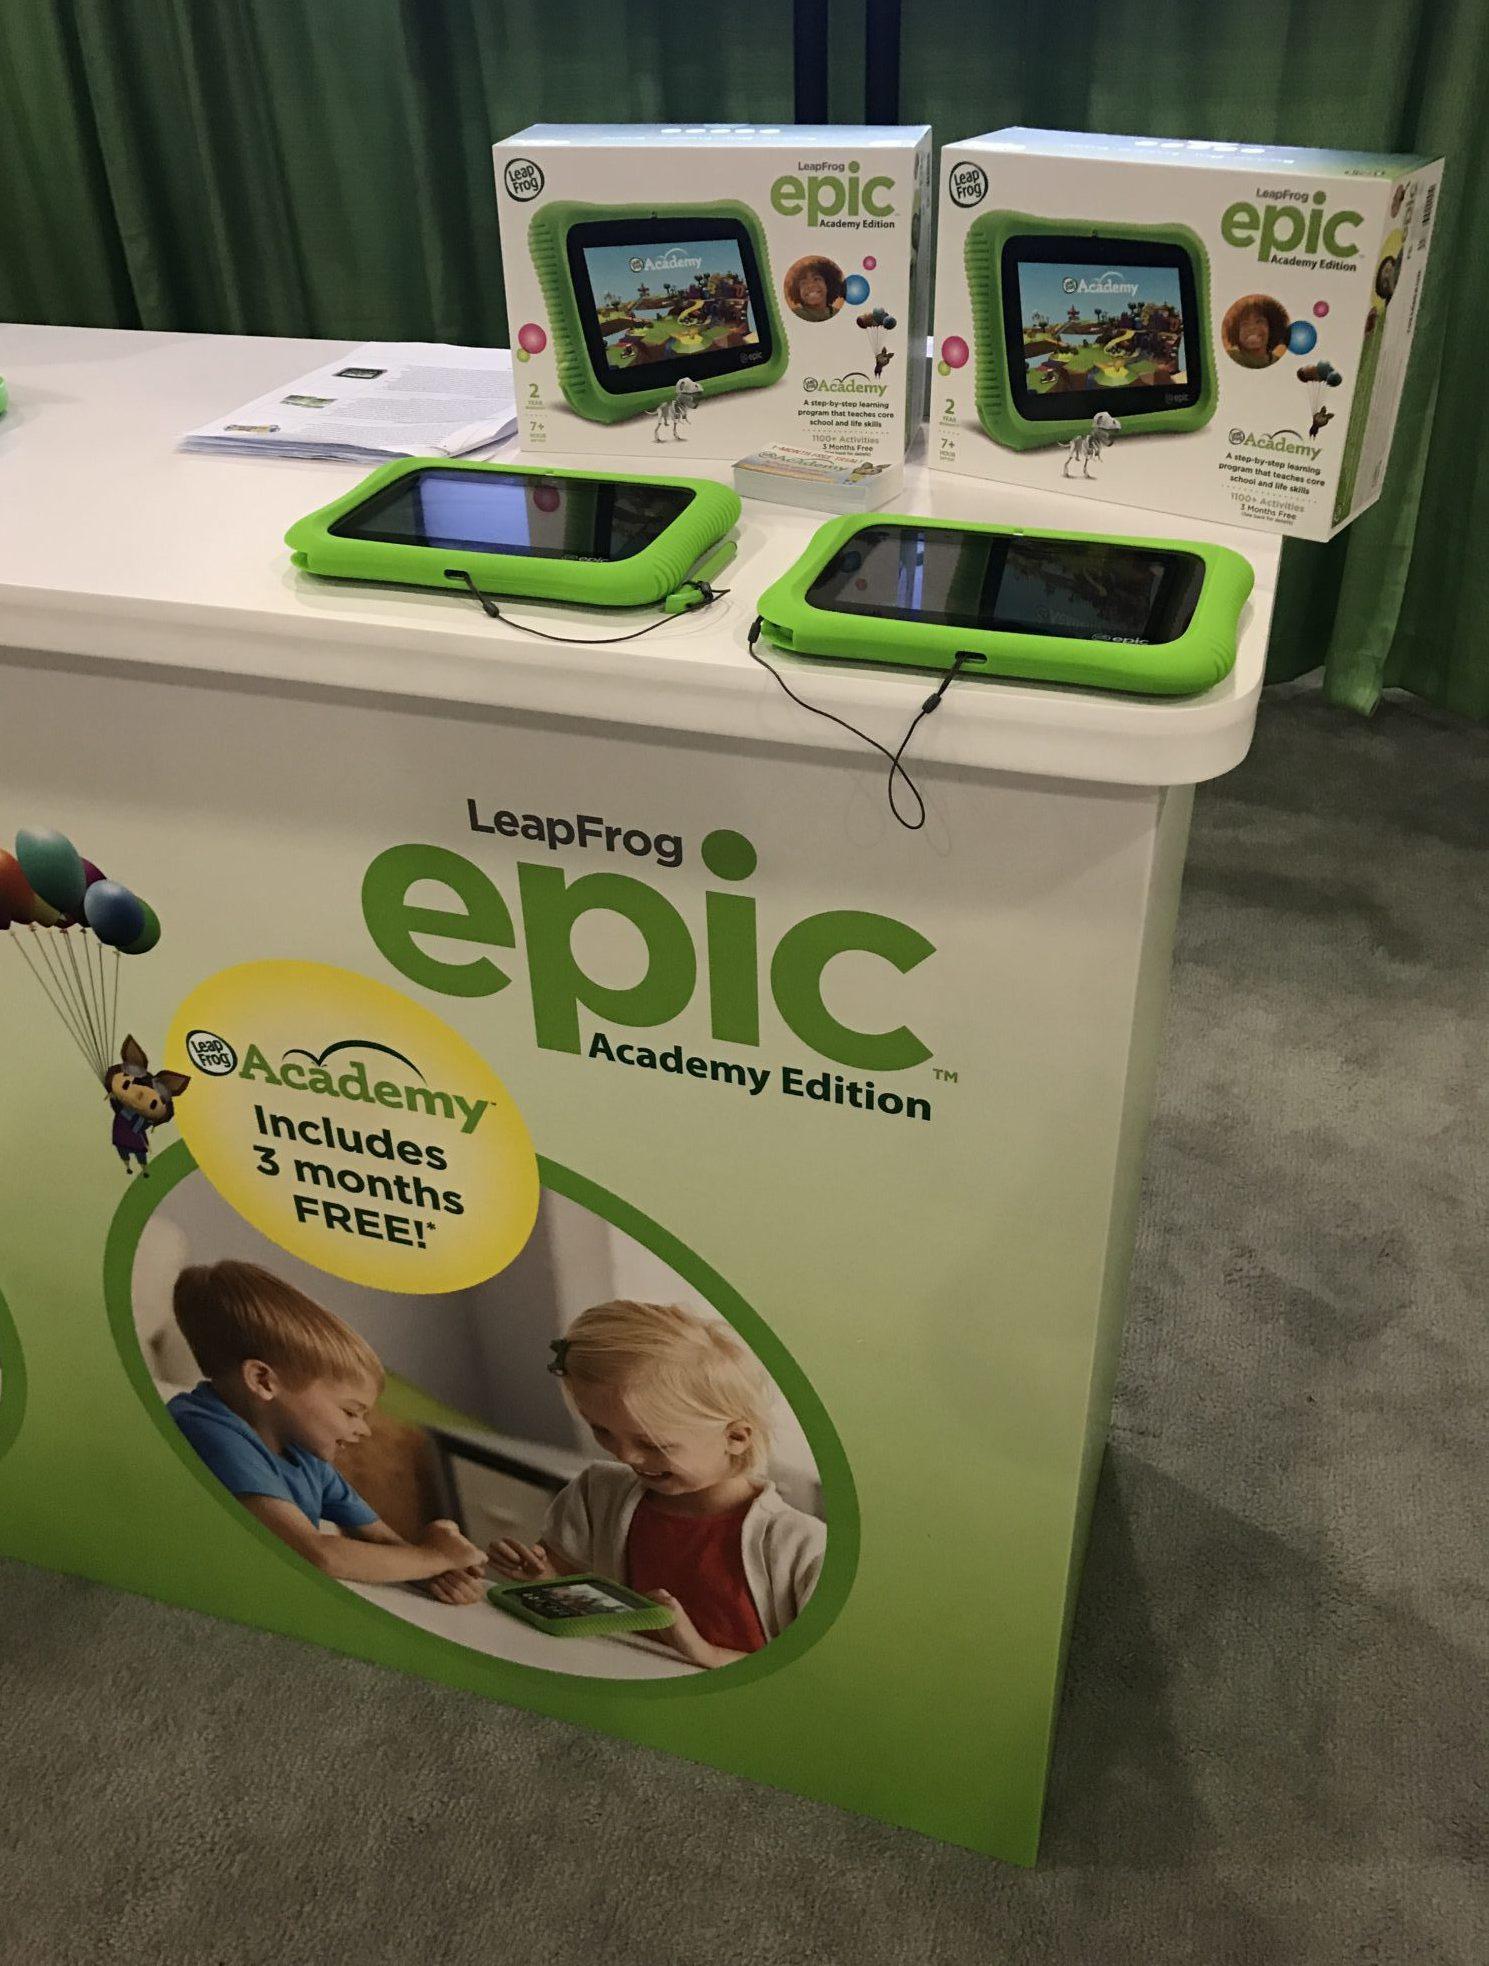 Leap Frog Epic Kids Tablet